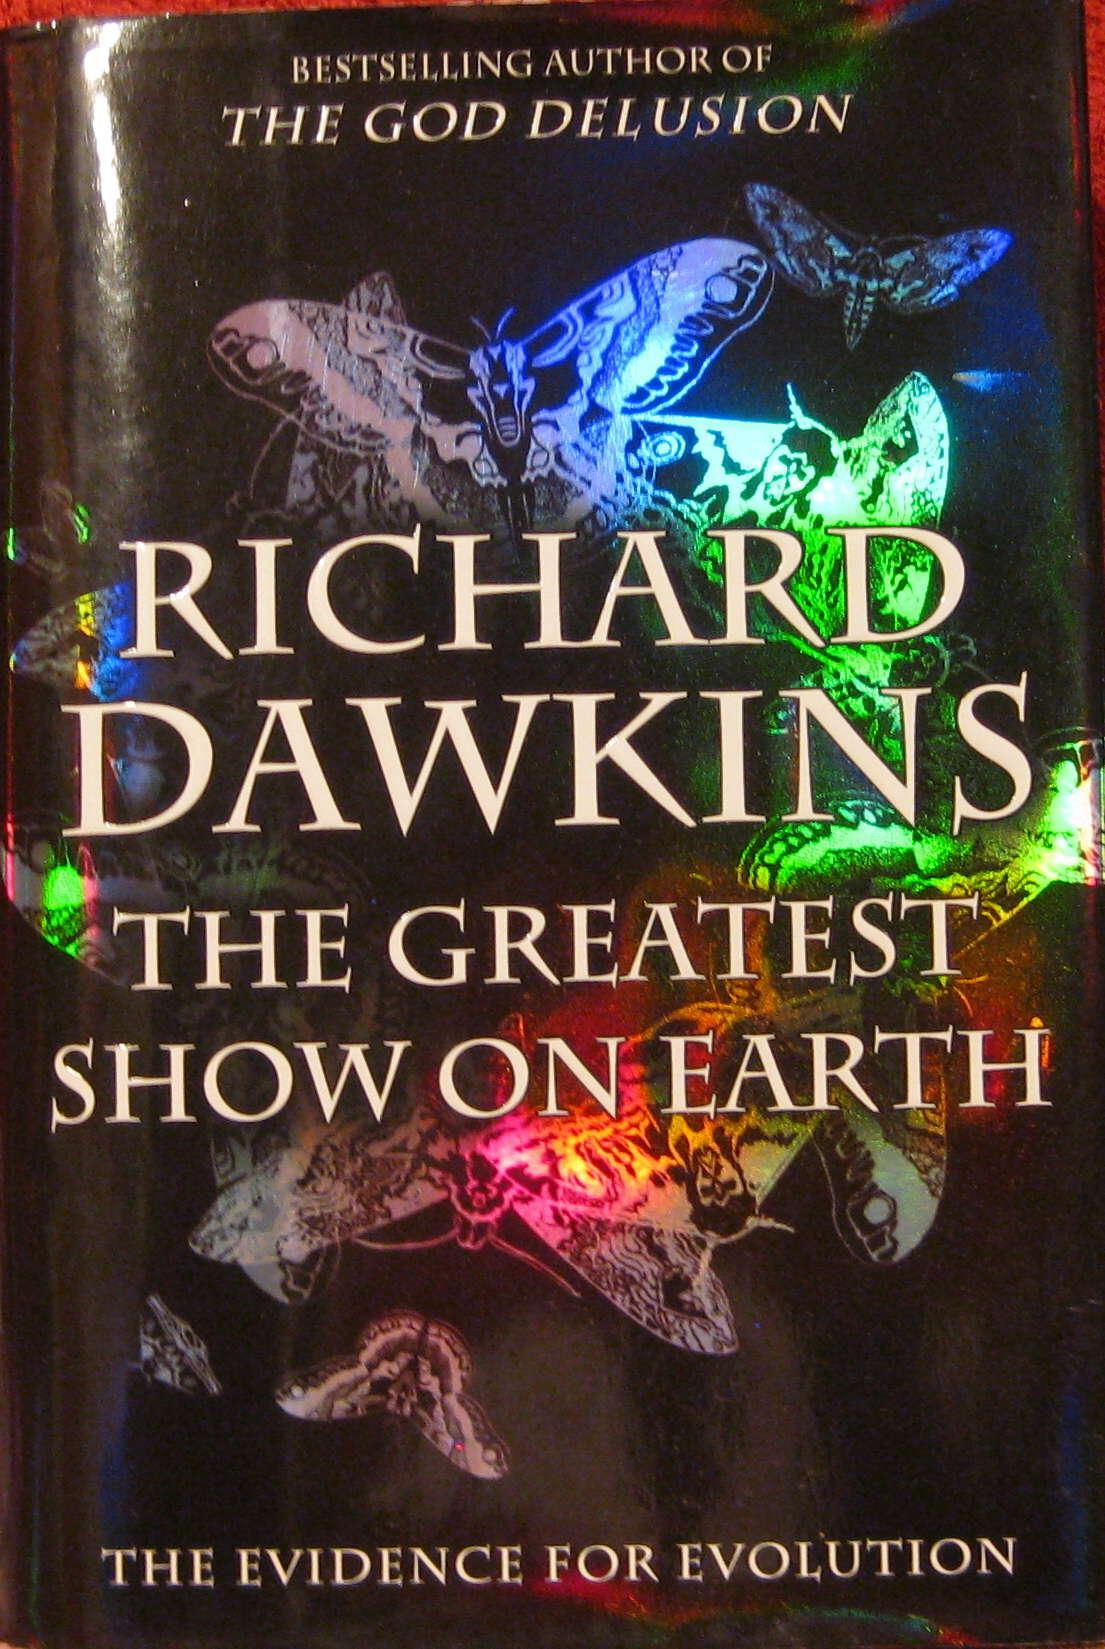 أعظم كتاب على وجه الأرض